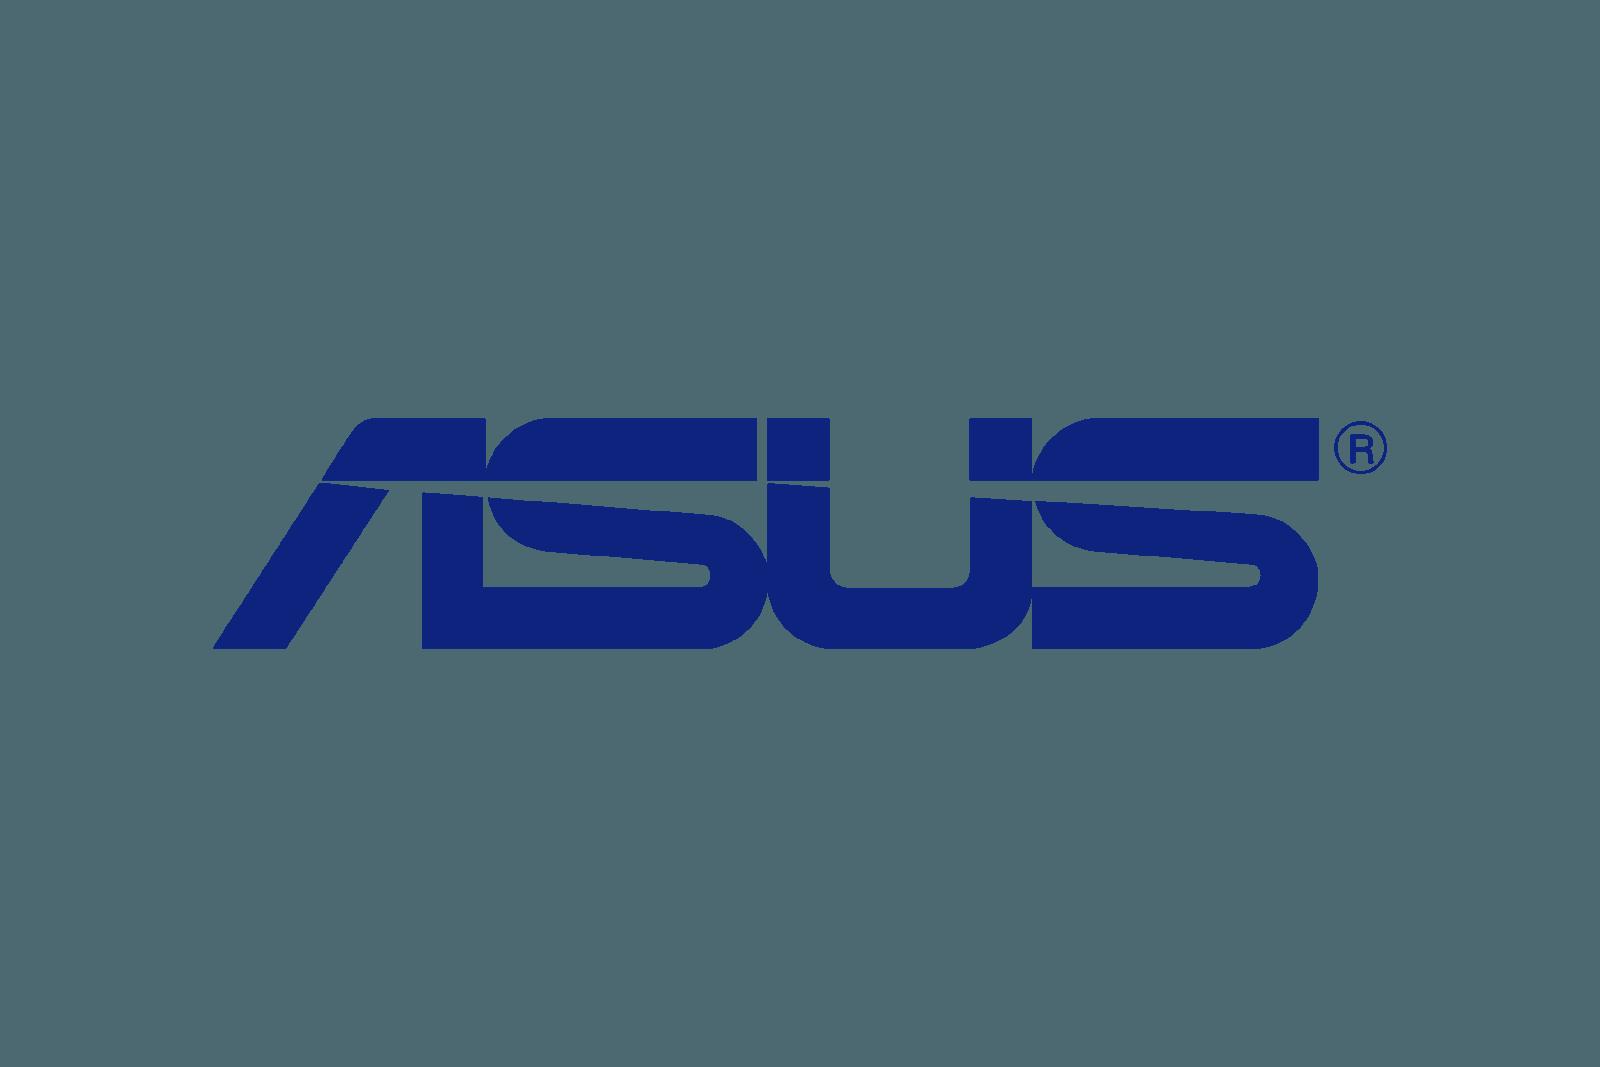 Asus-Logo-華碩-商標